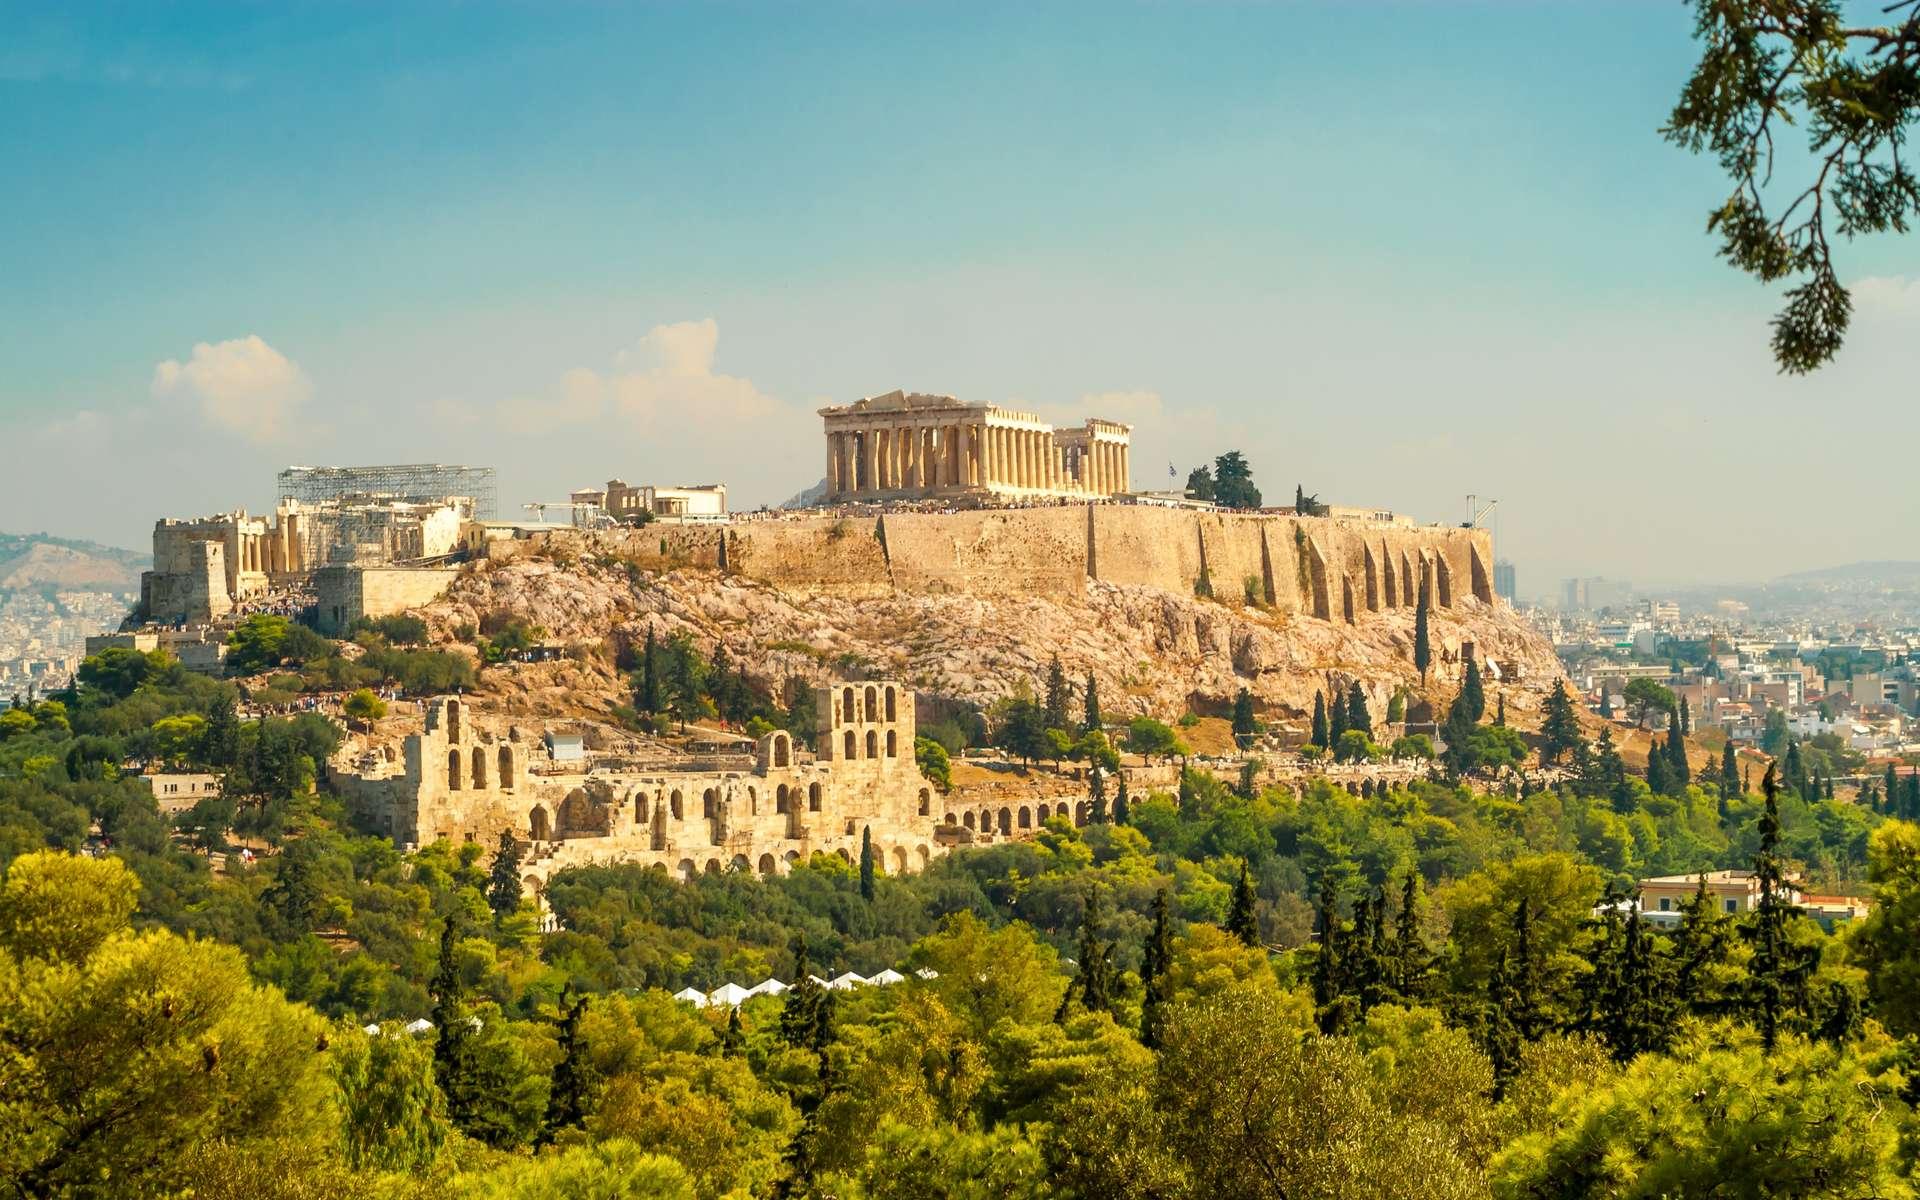 L'Acropole d'Athènes abrite de nombreux bâtiments célèbres, comme le Parthénon, les Propylées, le temple d'Athéna Nikè et l'Érechthéion. En 2012, une vaste campagne de restauration a été lancée. © milosk50, Adobe Stock